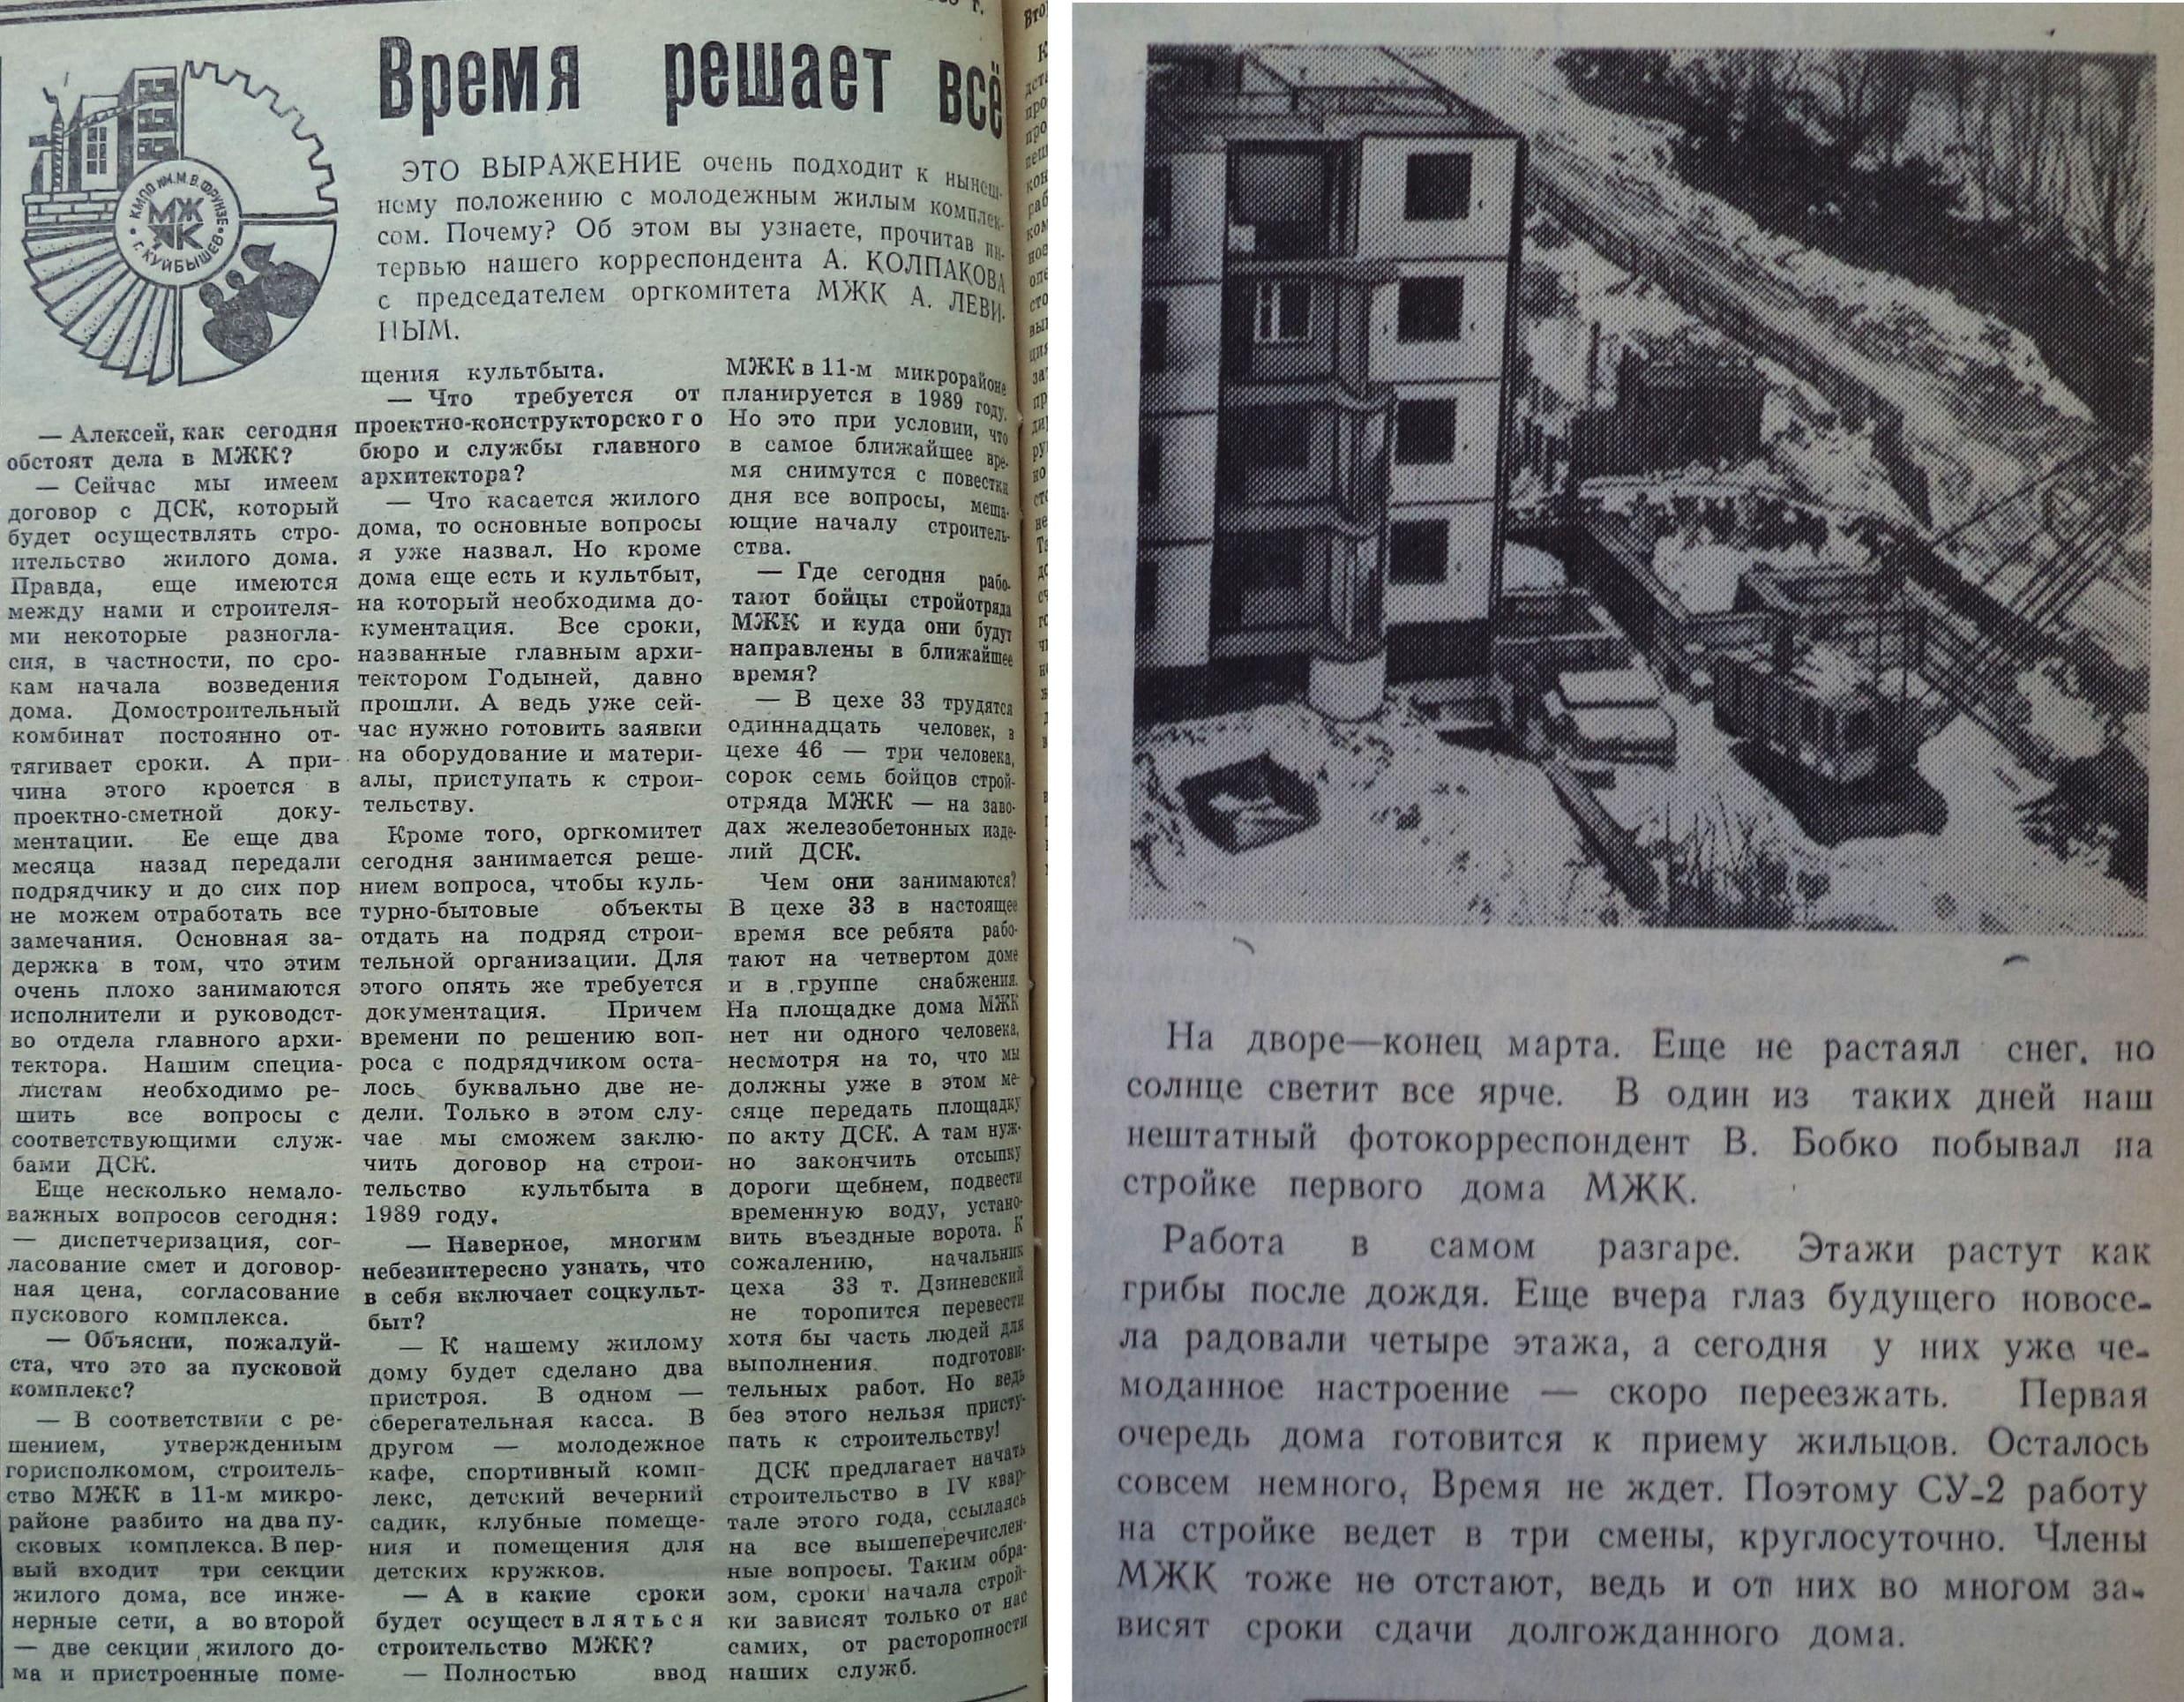 Фадеева-ФОТО-48-Моторостроитель-1988-17 мая